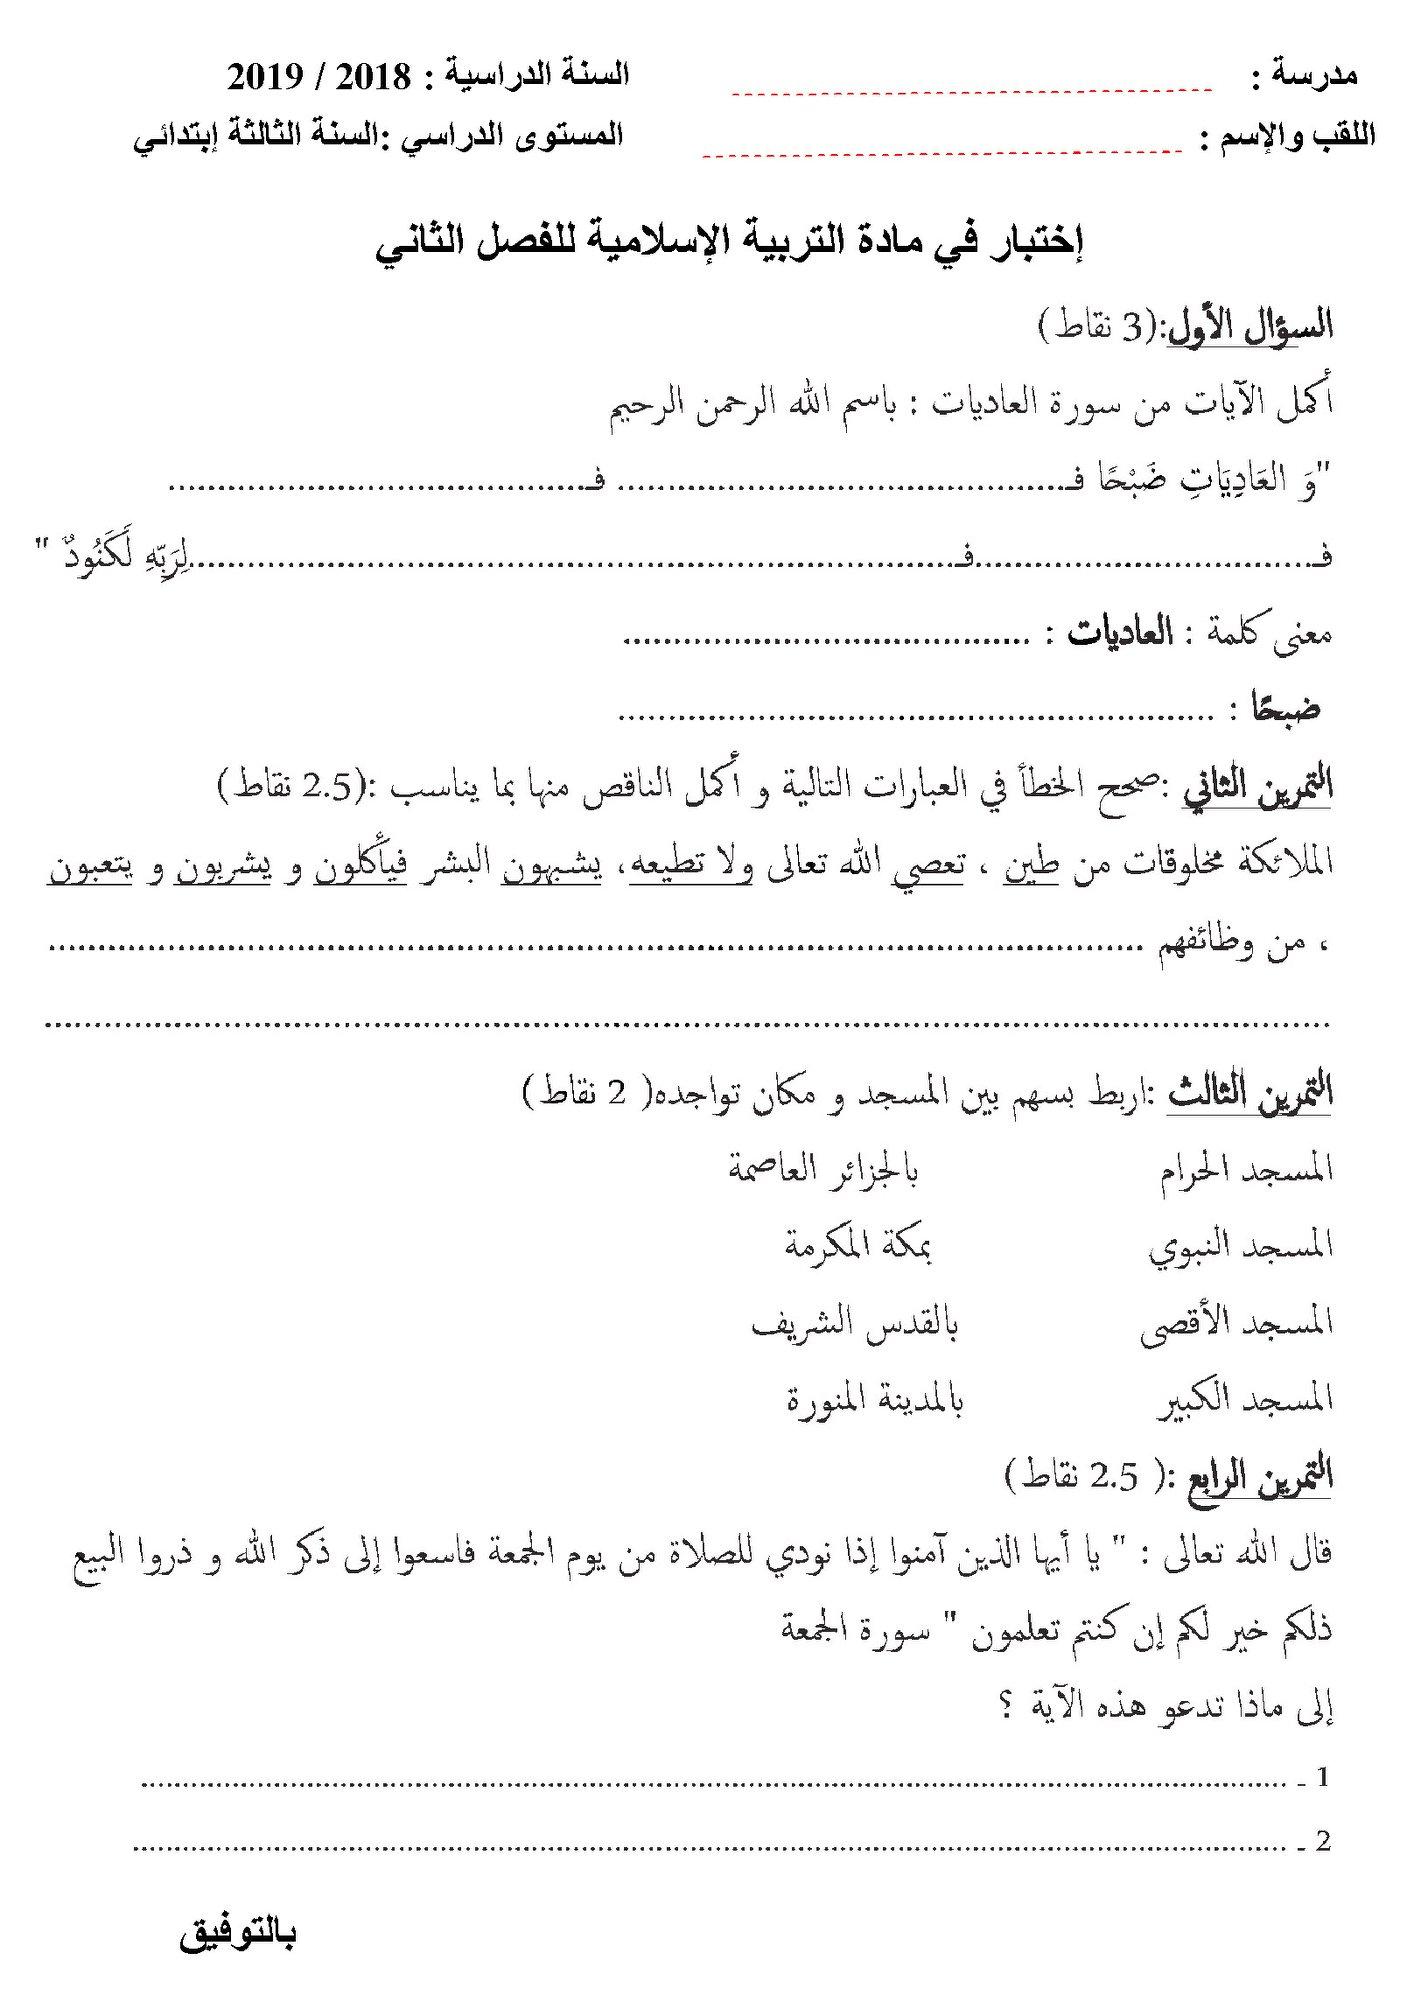 اختبار الفصل الثاني في التربية الاسلامية   السنة الثالثة ابتدائي   الموضوع 02